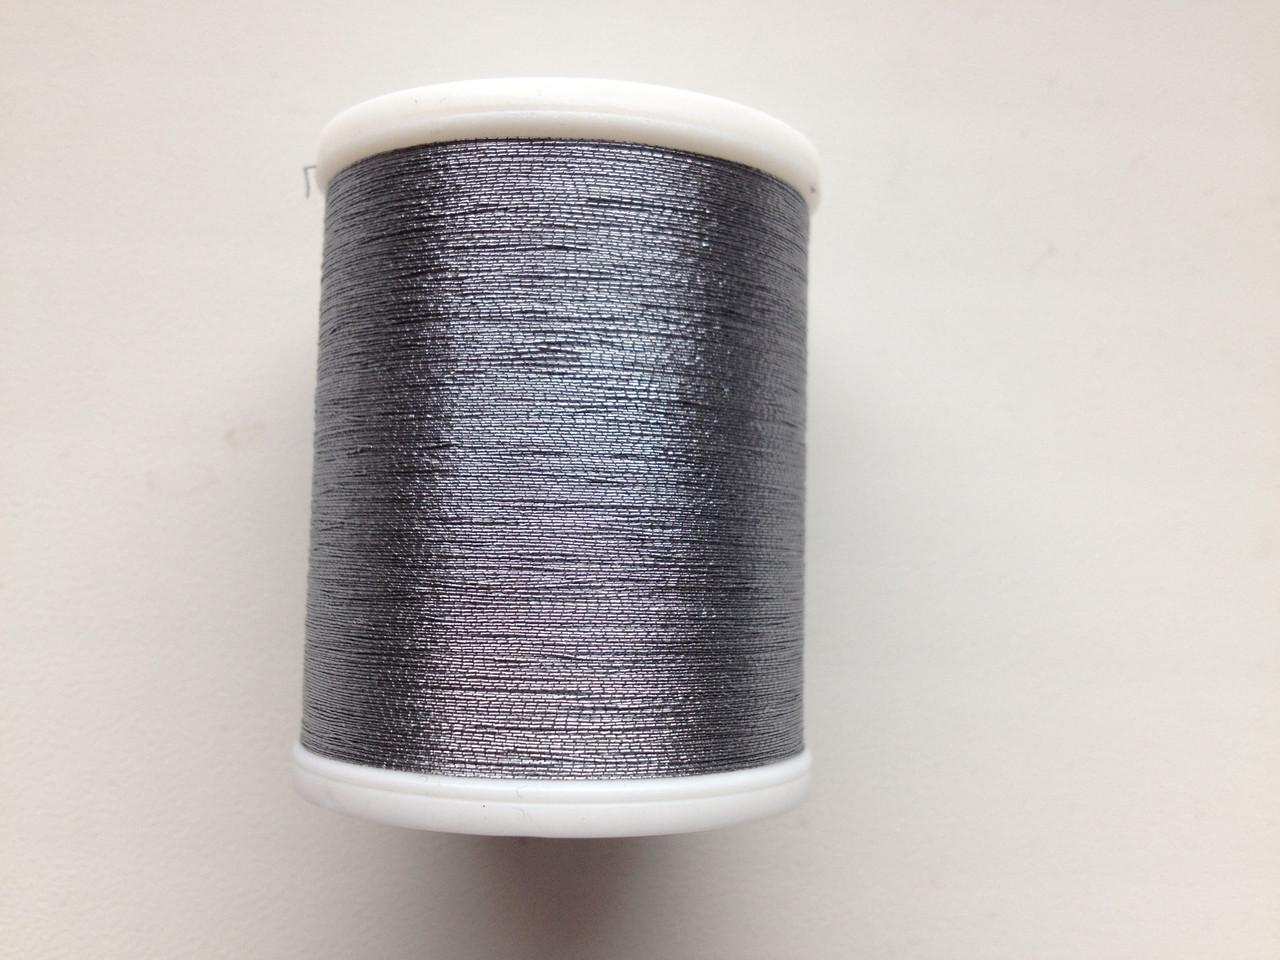 Нитки для машинной вышивки Madeira Metallic  №40.  цвет 4061 ( ПЛАТИНА ).  по 1000 м